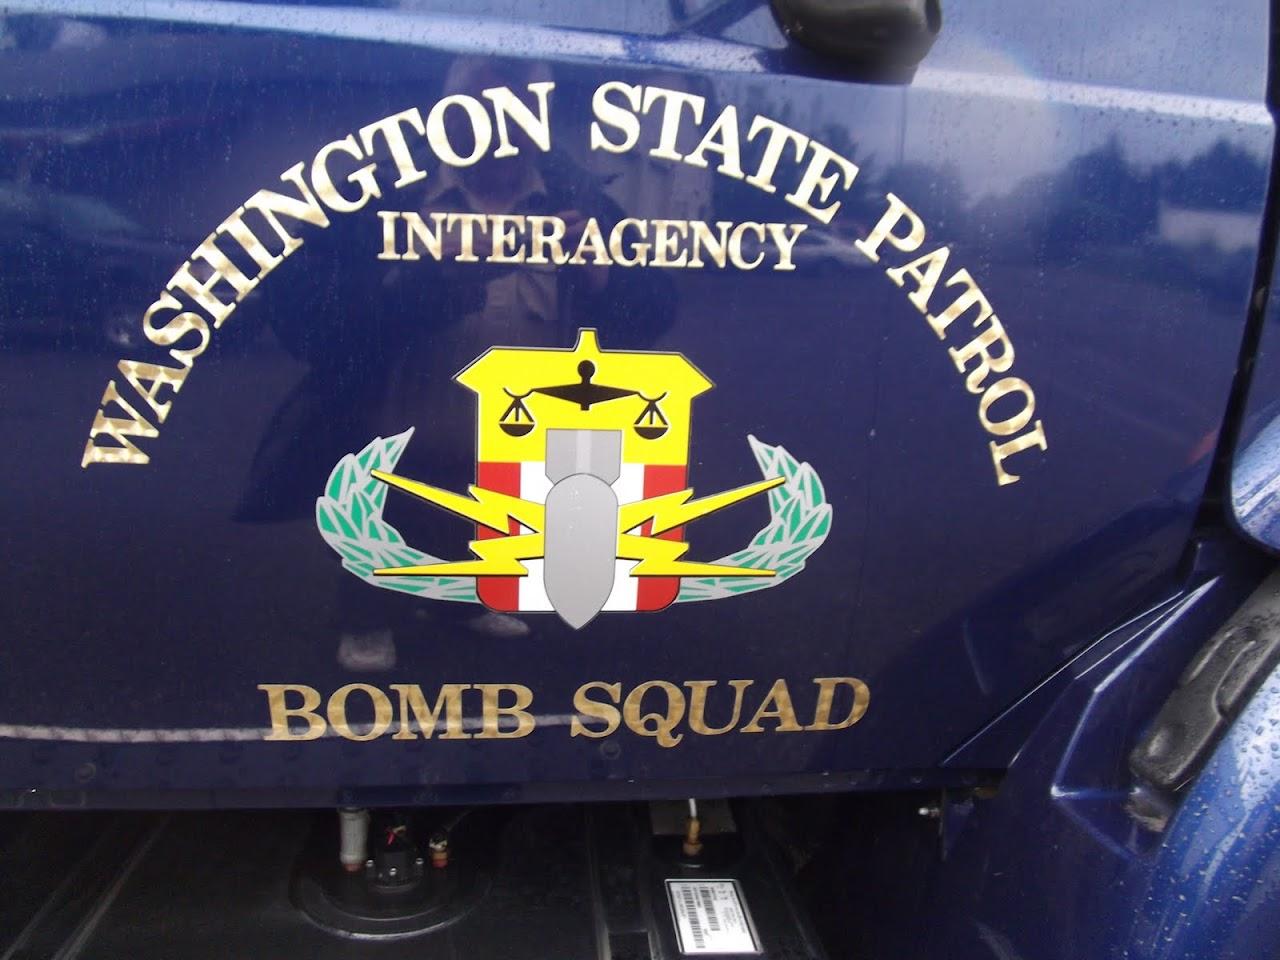 2011 Drug Talk and Bomb Squad - DSCF0623.JPG